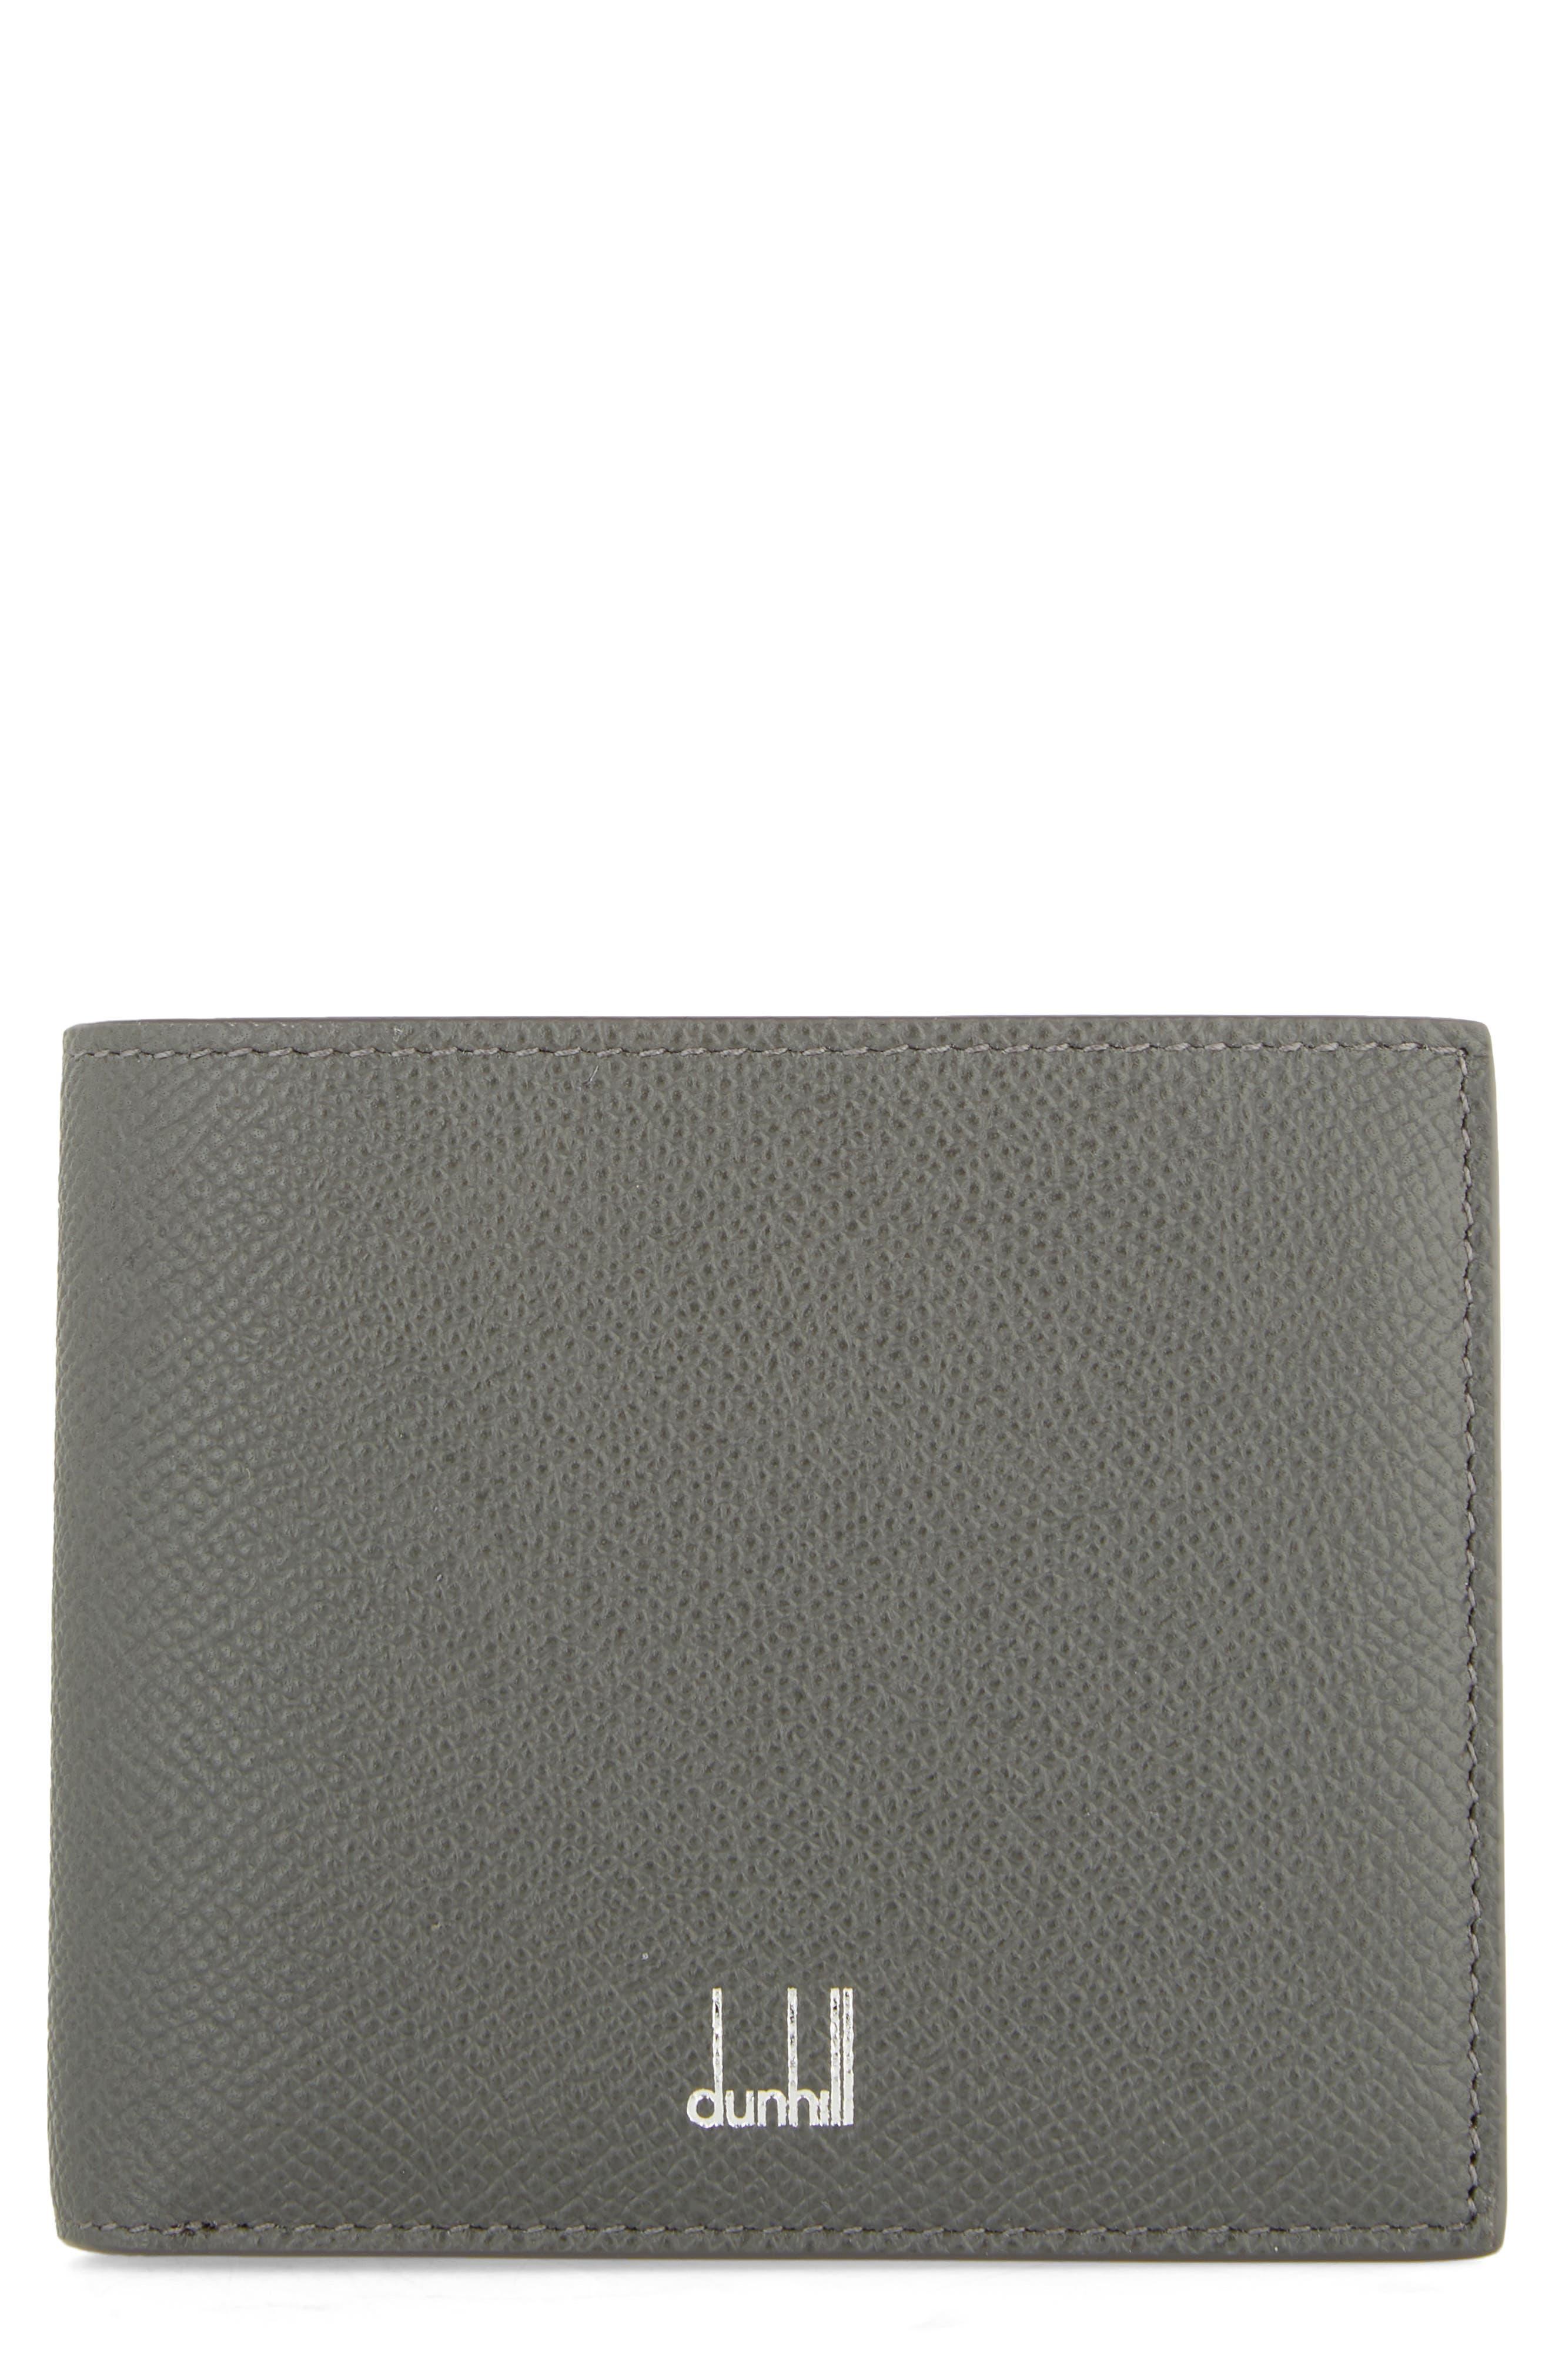 Cadogan Leather Wallet,                         Main,                         color, GREY